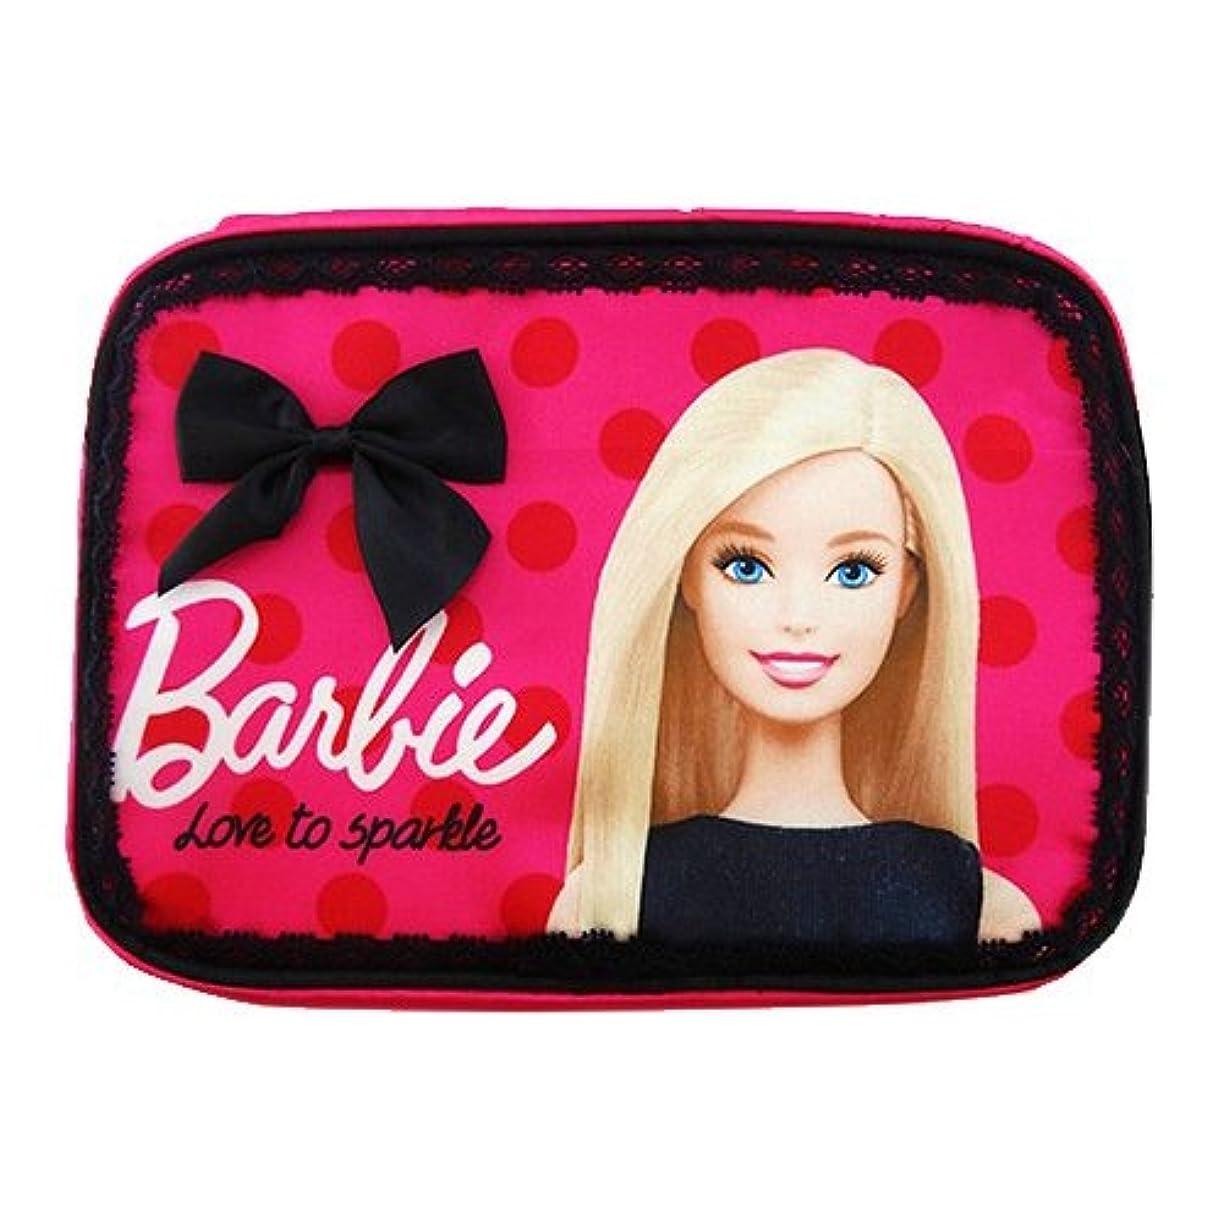 発症伴う野心Barbie コスメポーチ フューシャピンク (1個)